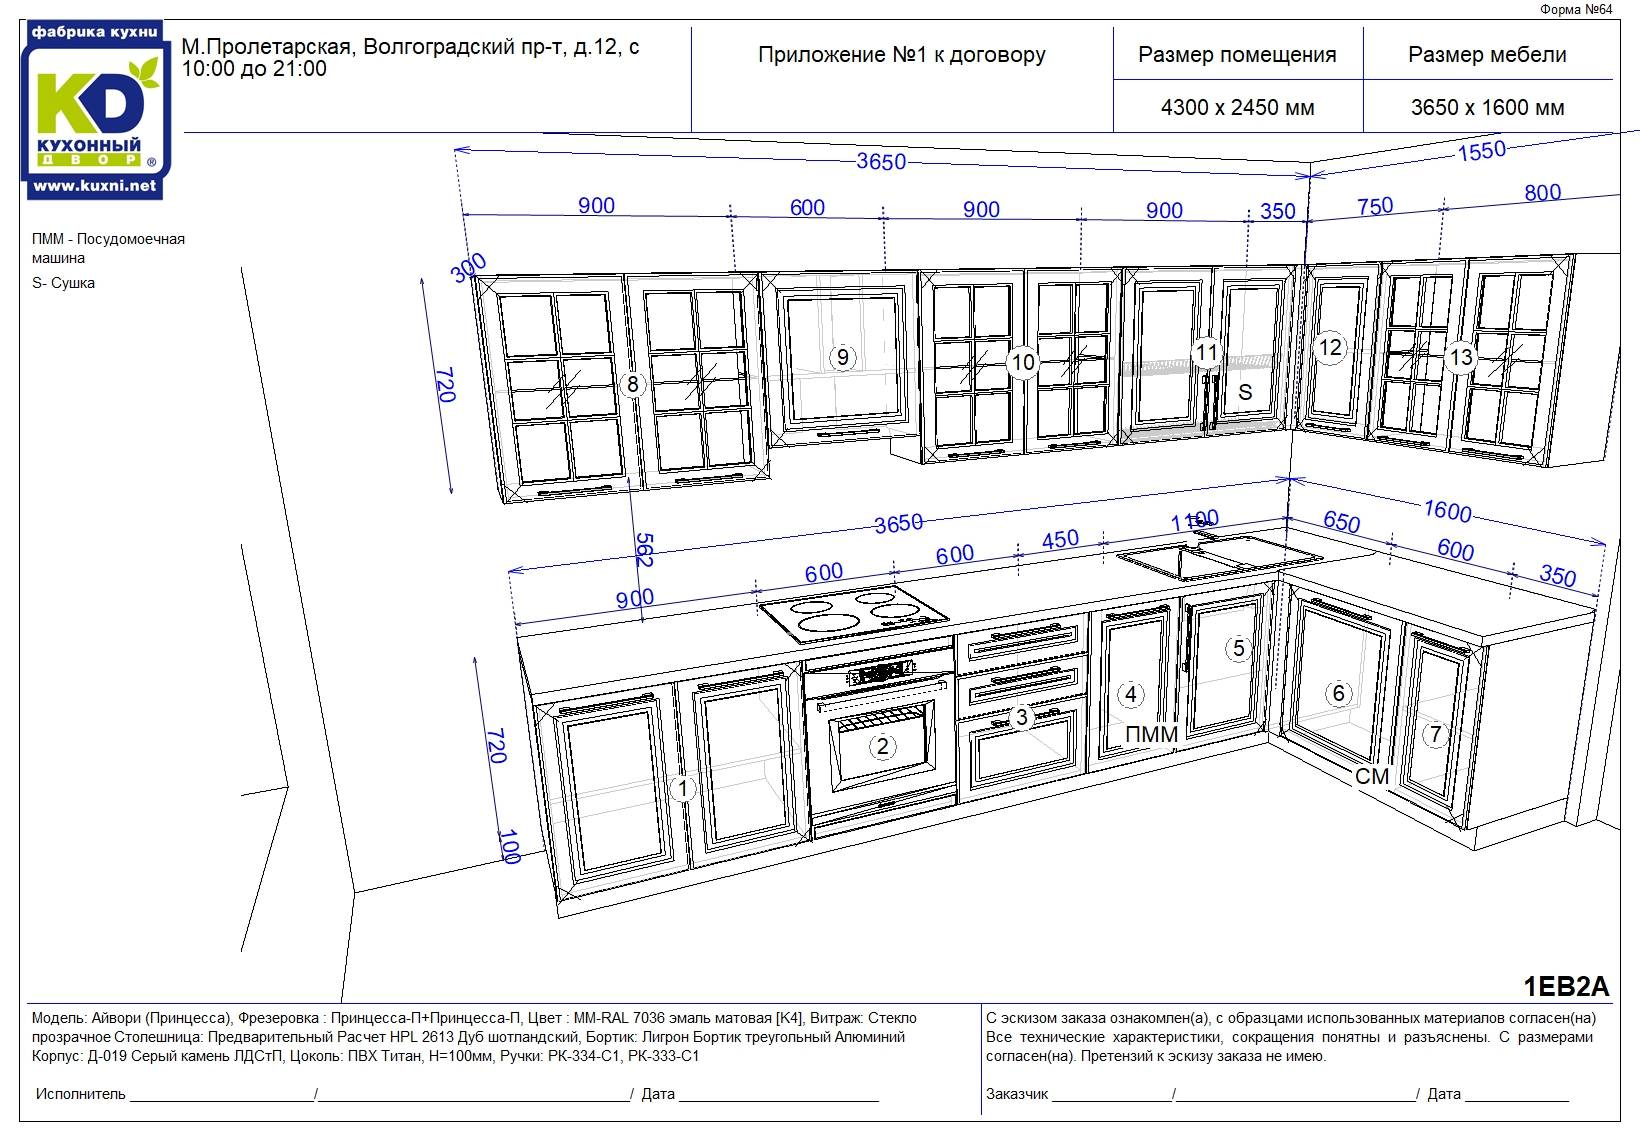 Монтаж светодиодной ленты на кухне под шкафами: выбор ленты и блока питания, этапы монтажа.